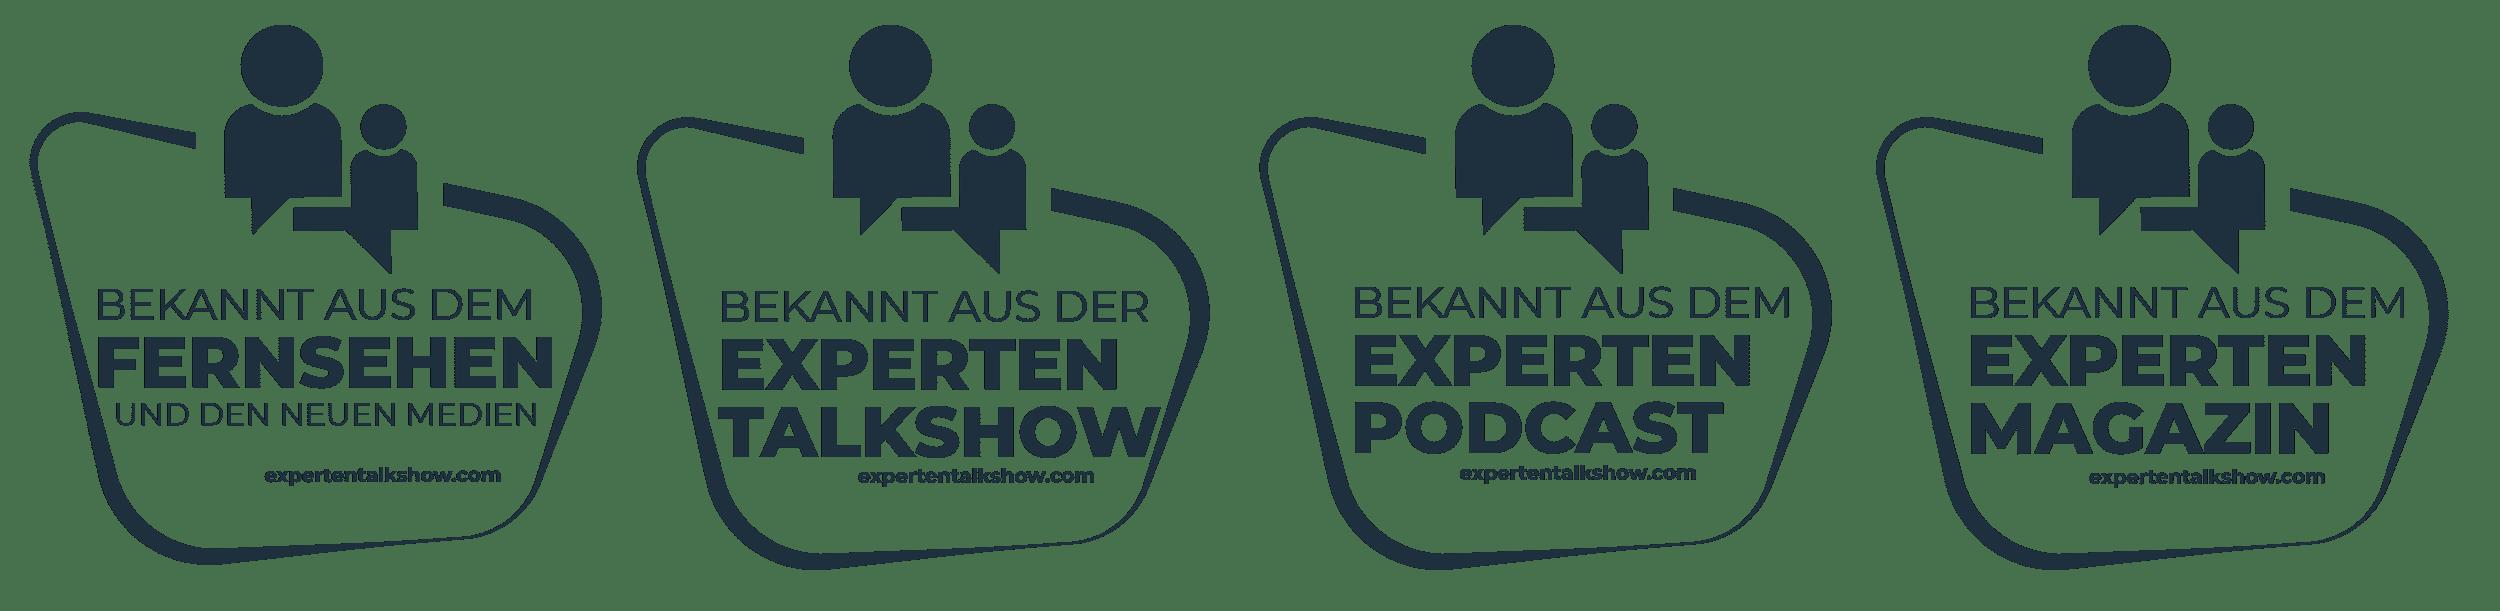 Experten-Talkshow_BEKANNT-AUS-DEM-FERNSEHEN-UND-DEN-MEDIEN-2019